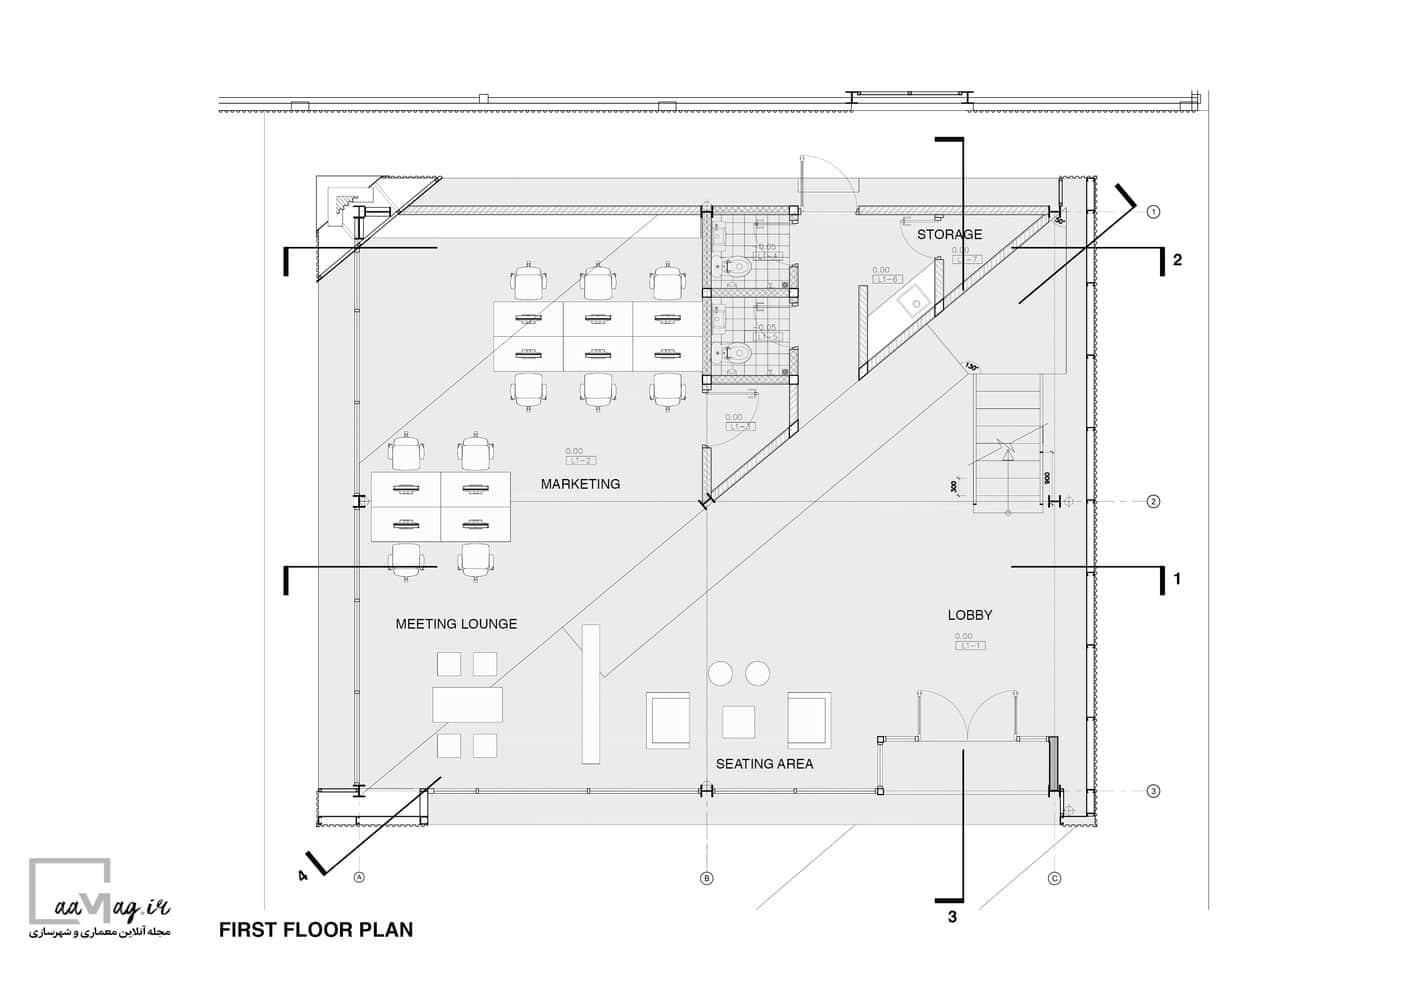 طراحی دفتر اداری KL - طبقه اول